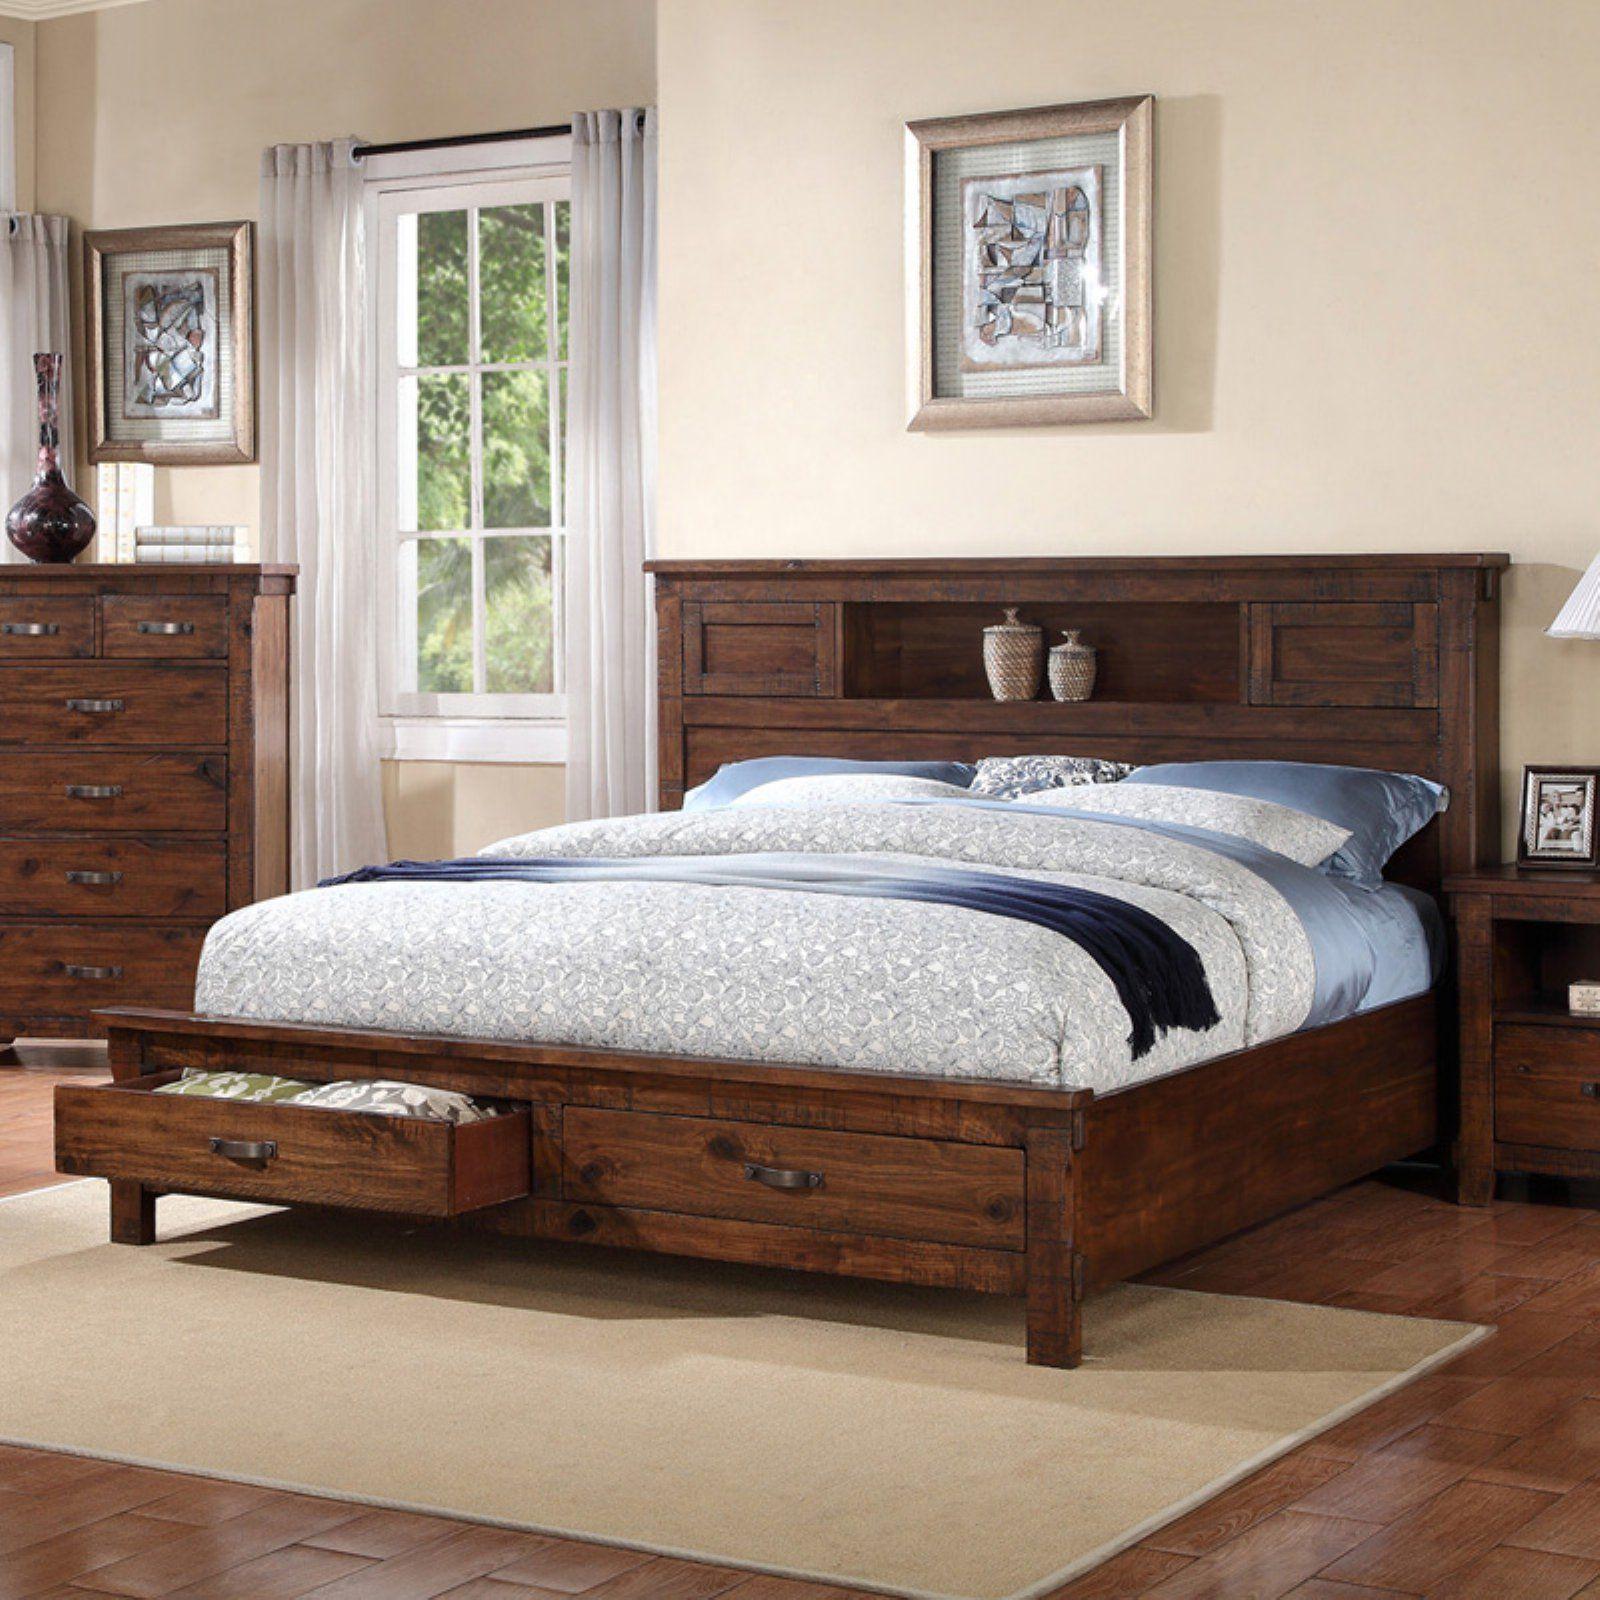 Legends Furniture Restoration Storage Low Profile Bed, Size ...